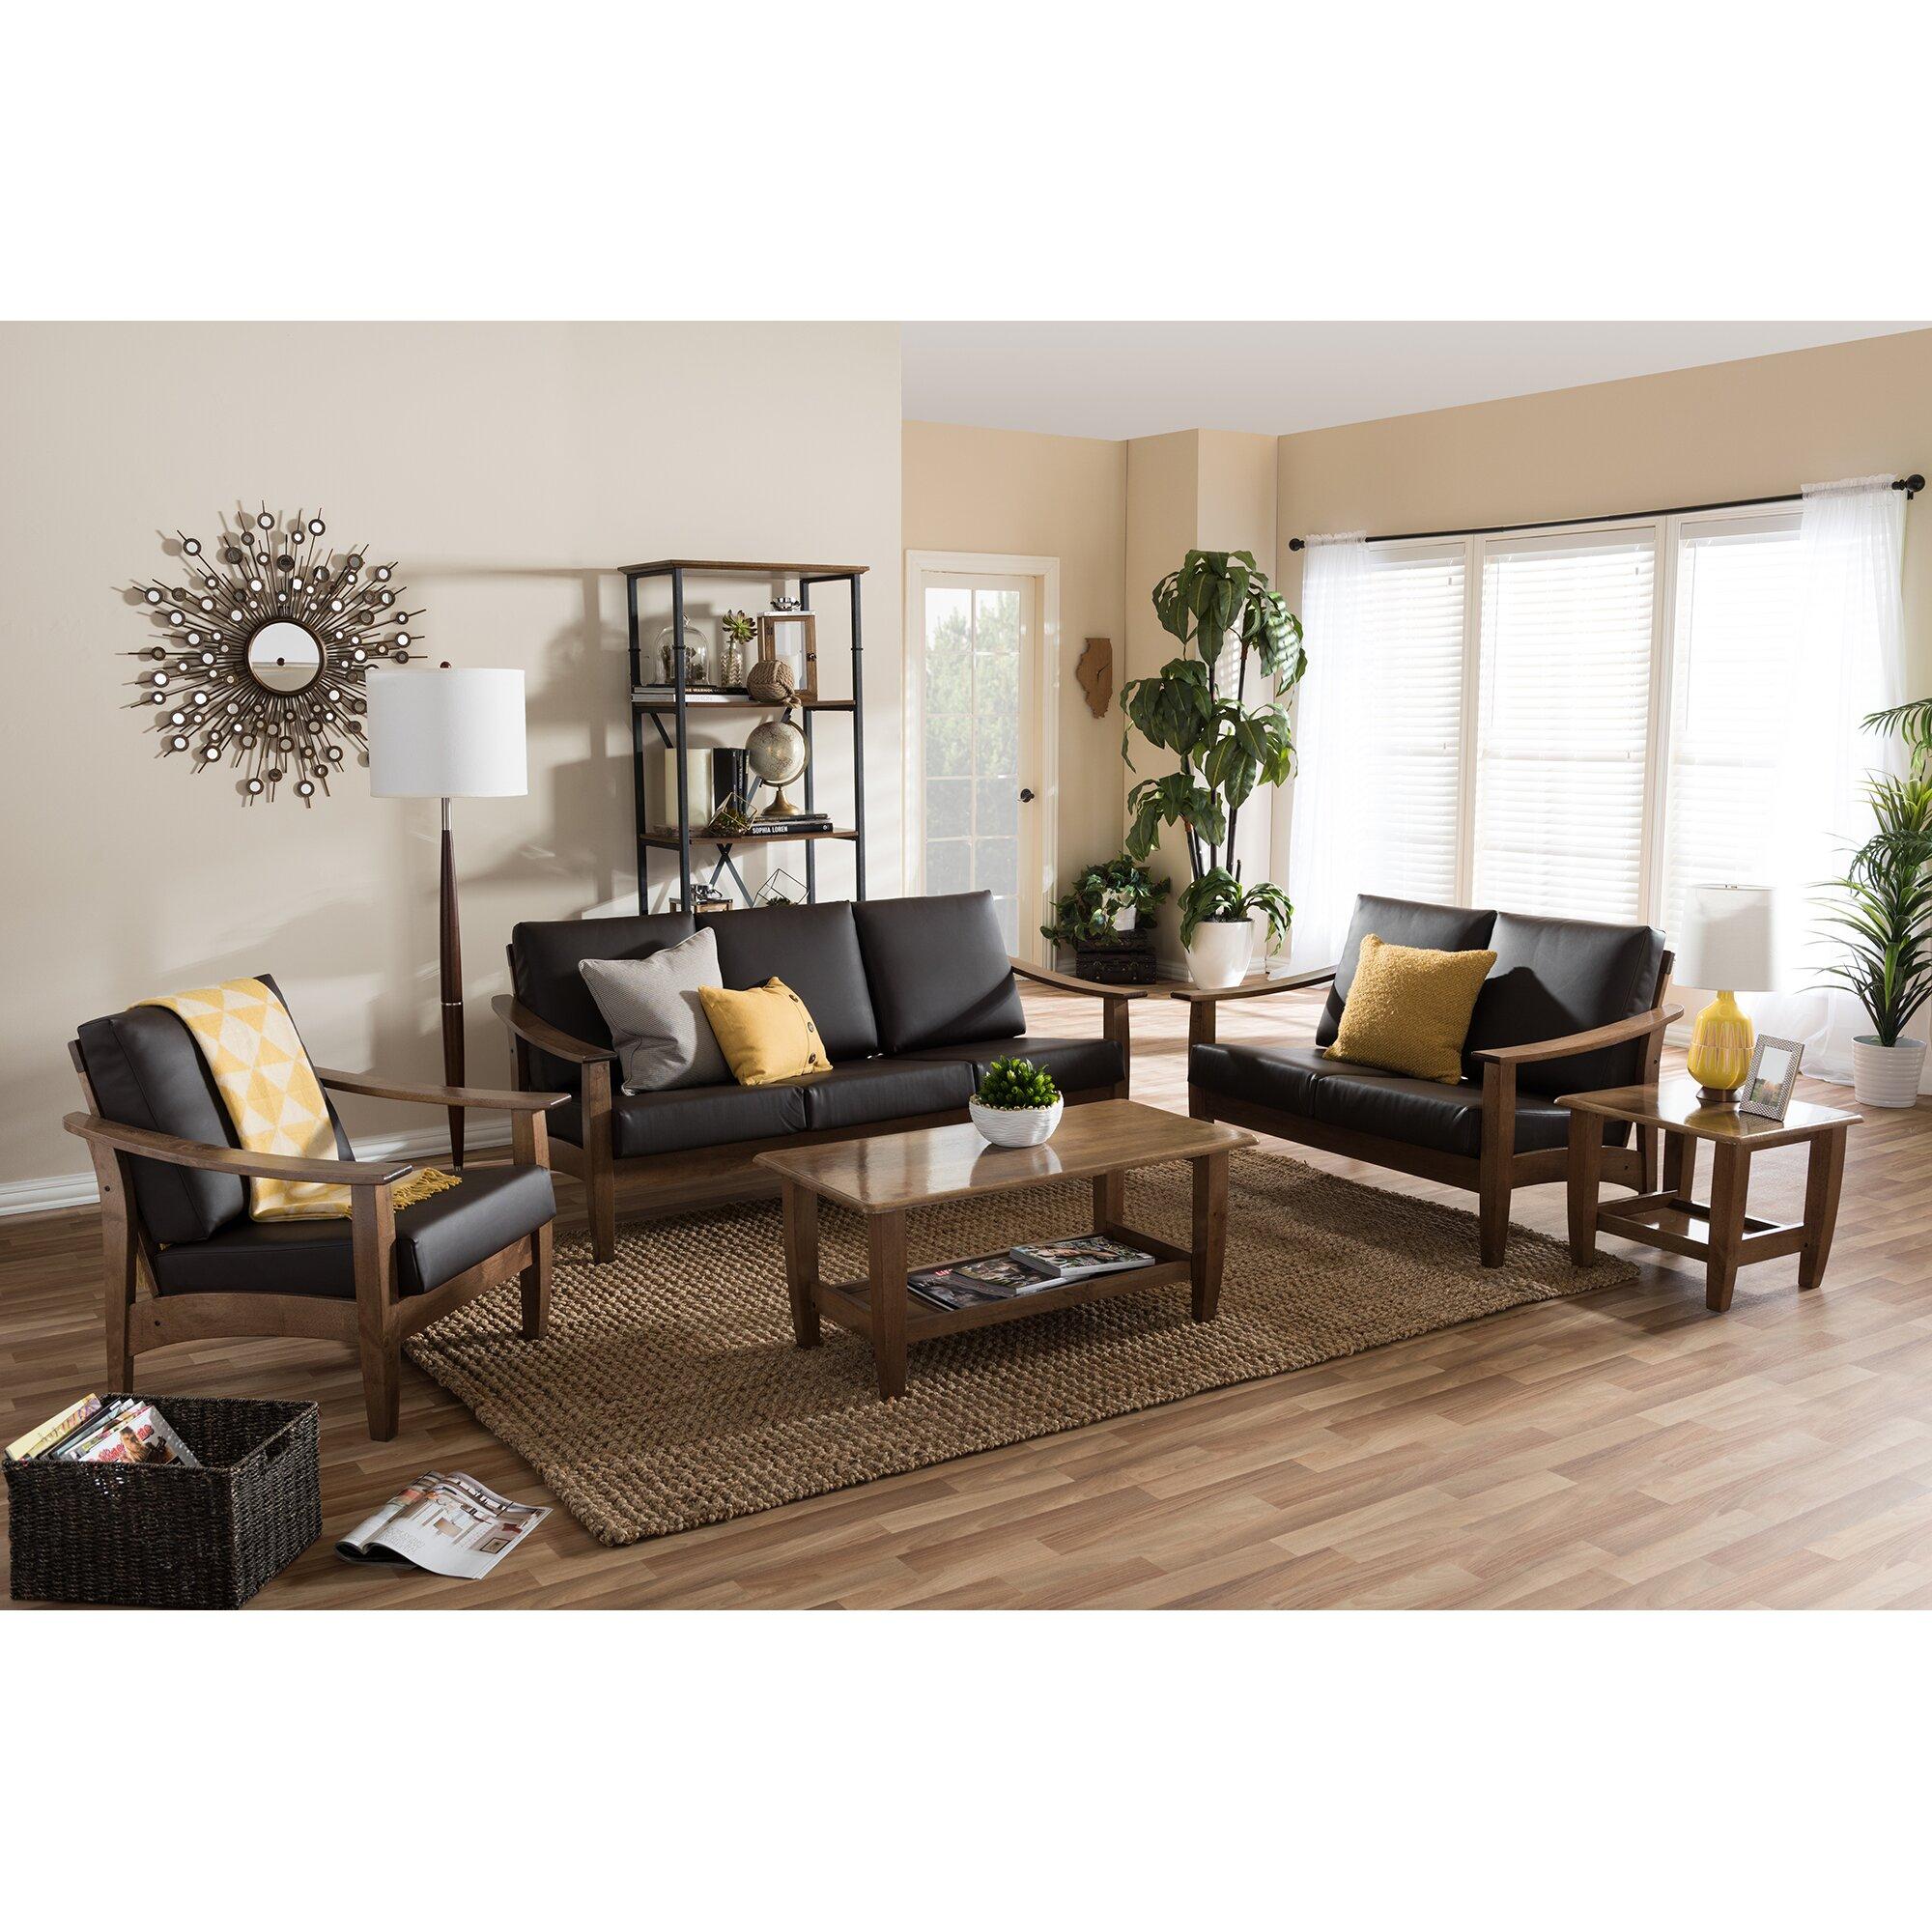 Ahart 5 piece living room set reviews allmodern for 5 piece living room set